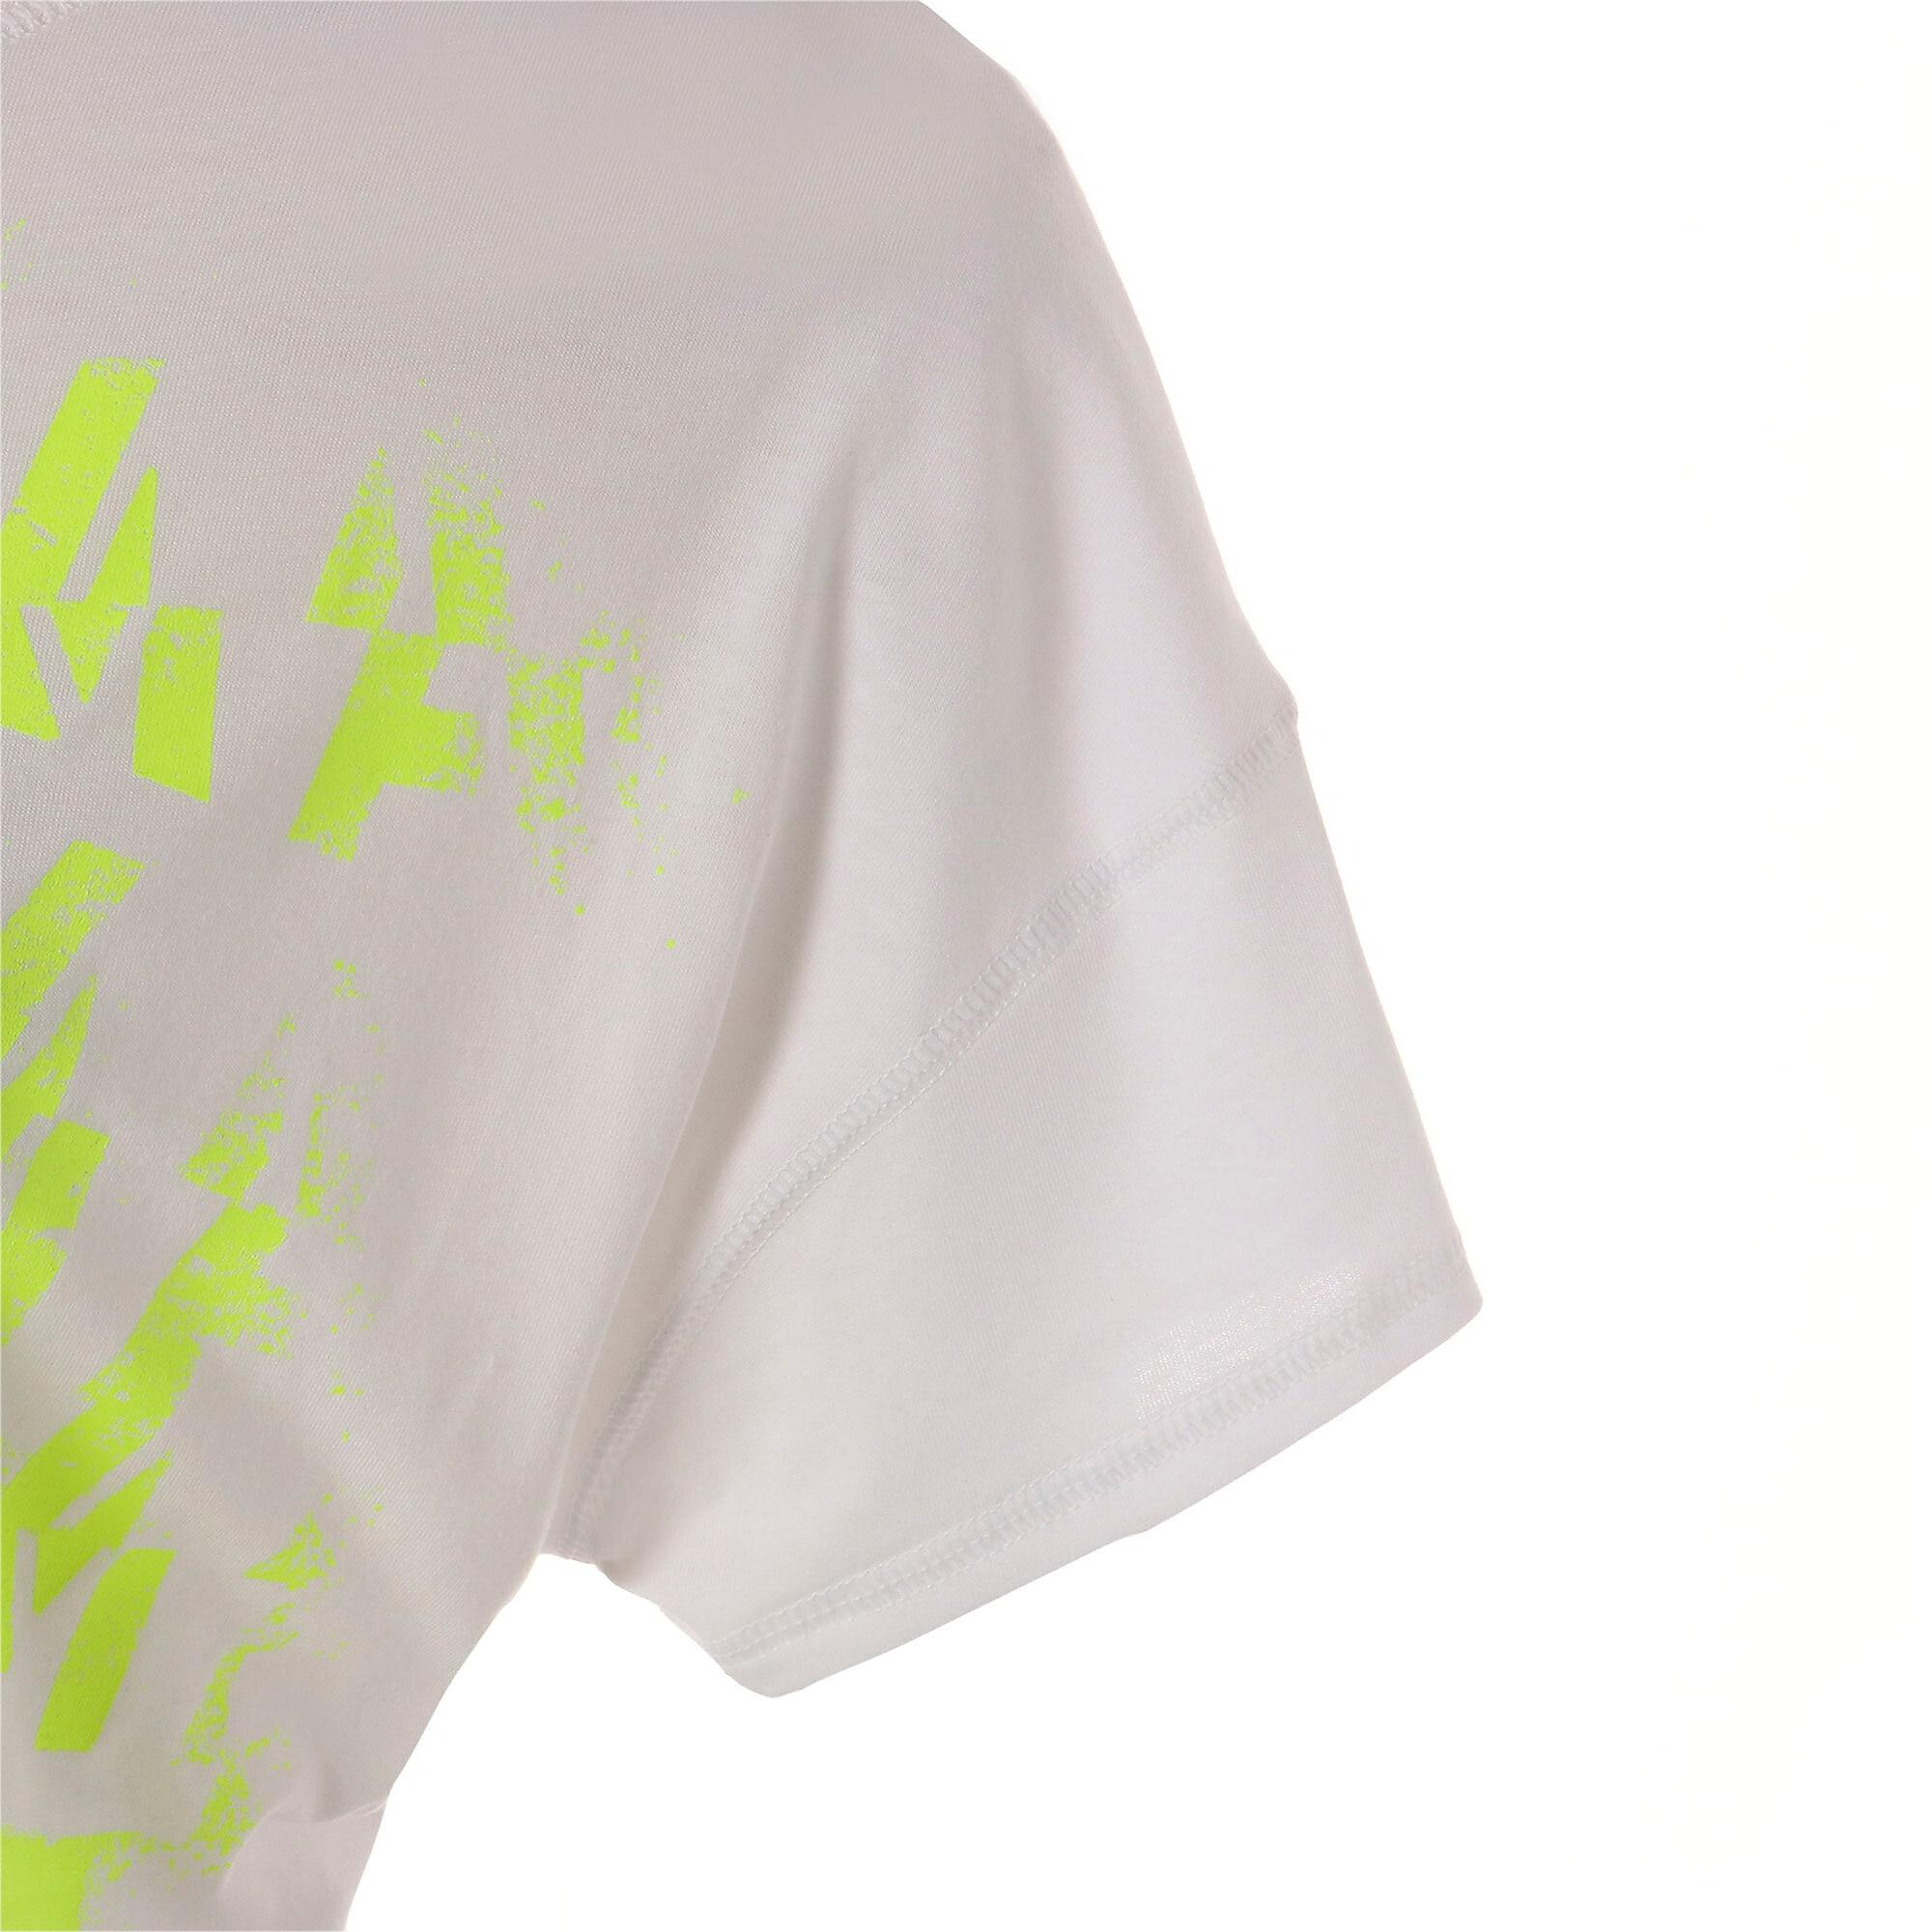 Thumbnail 8 of フィール イット SS ウィメンズ トレーニング Tシャツ 半袖, Puma White, medium-JPN